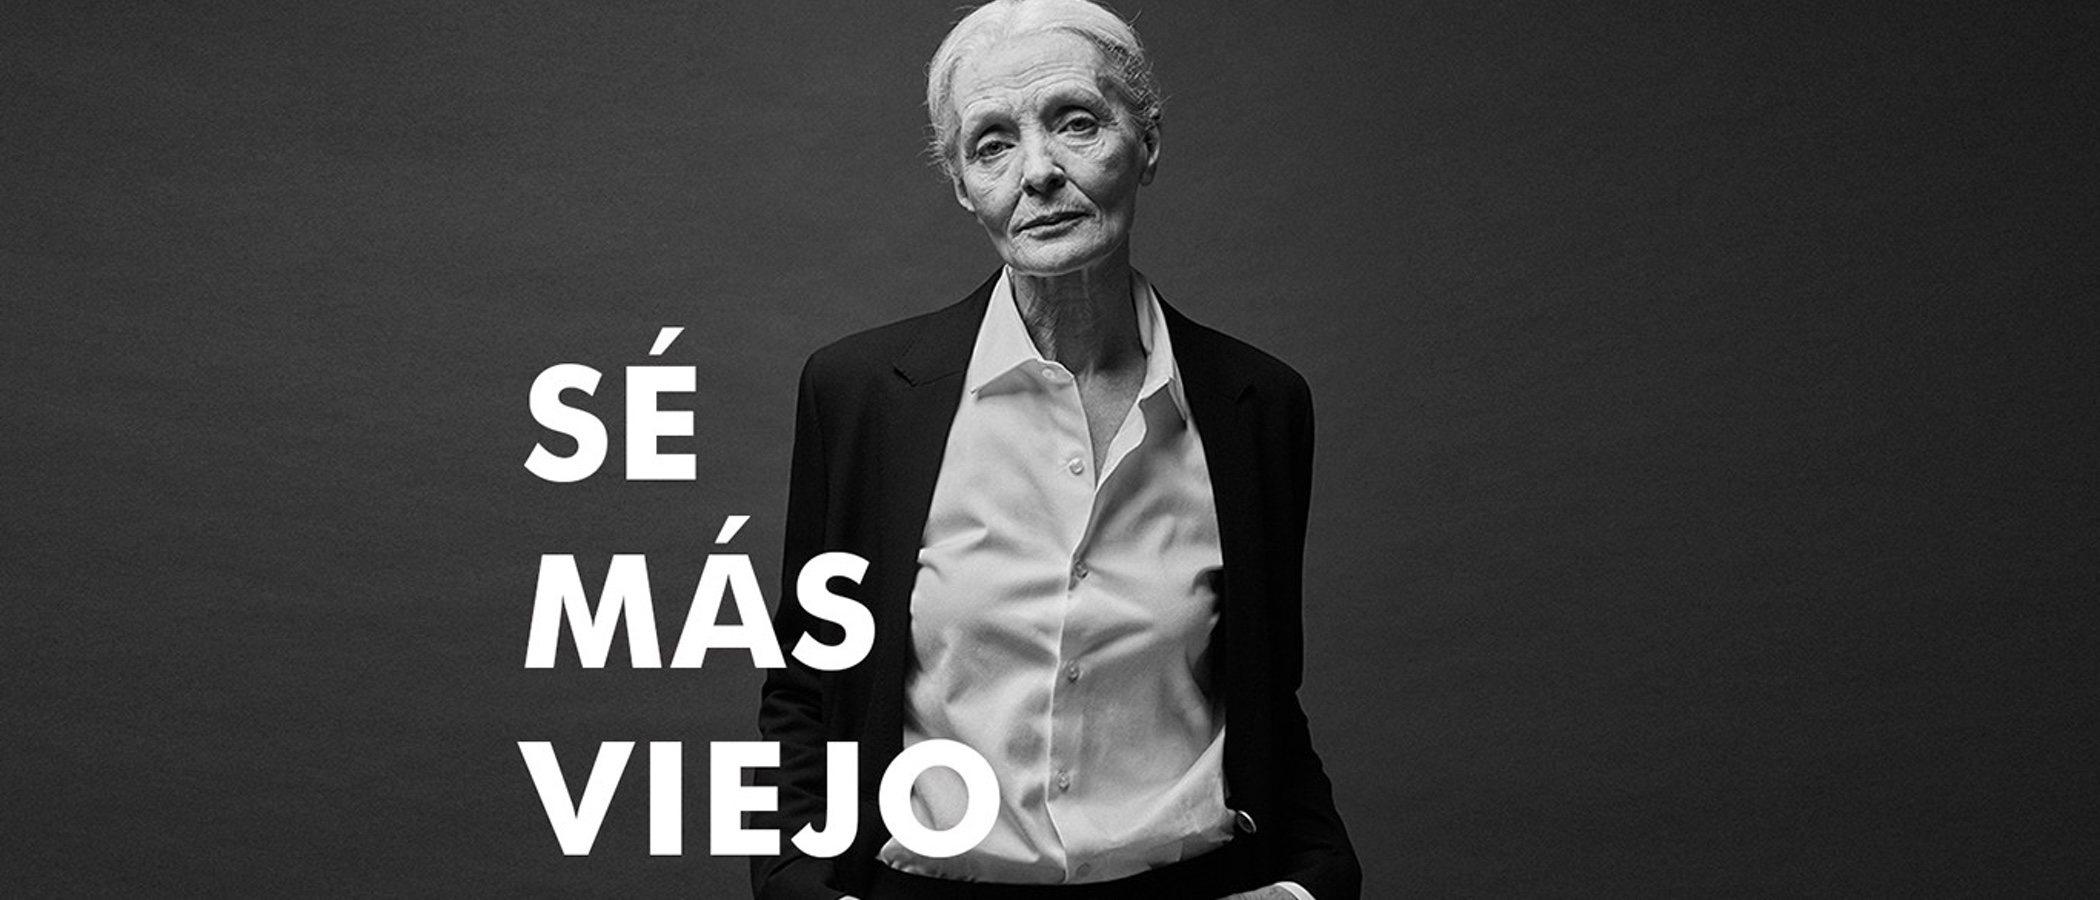 'Sé más viejo', el consejo de Adolfo Domínguez en su nueva campaña